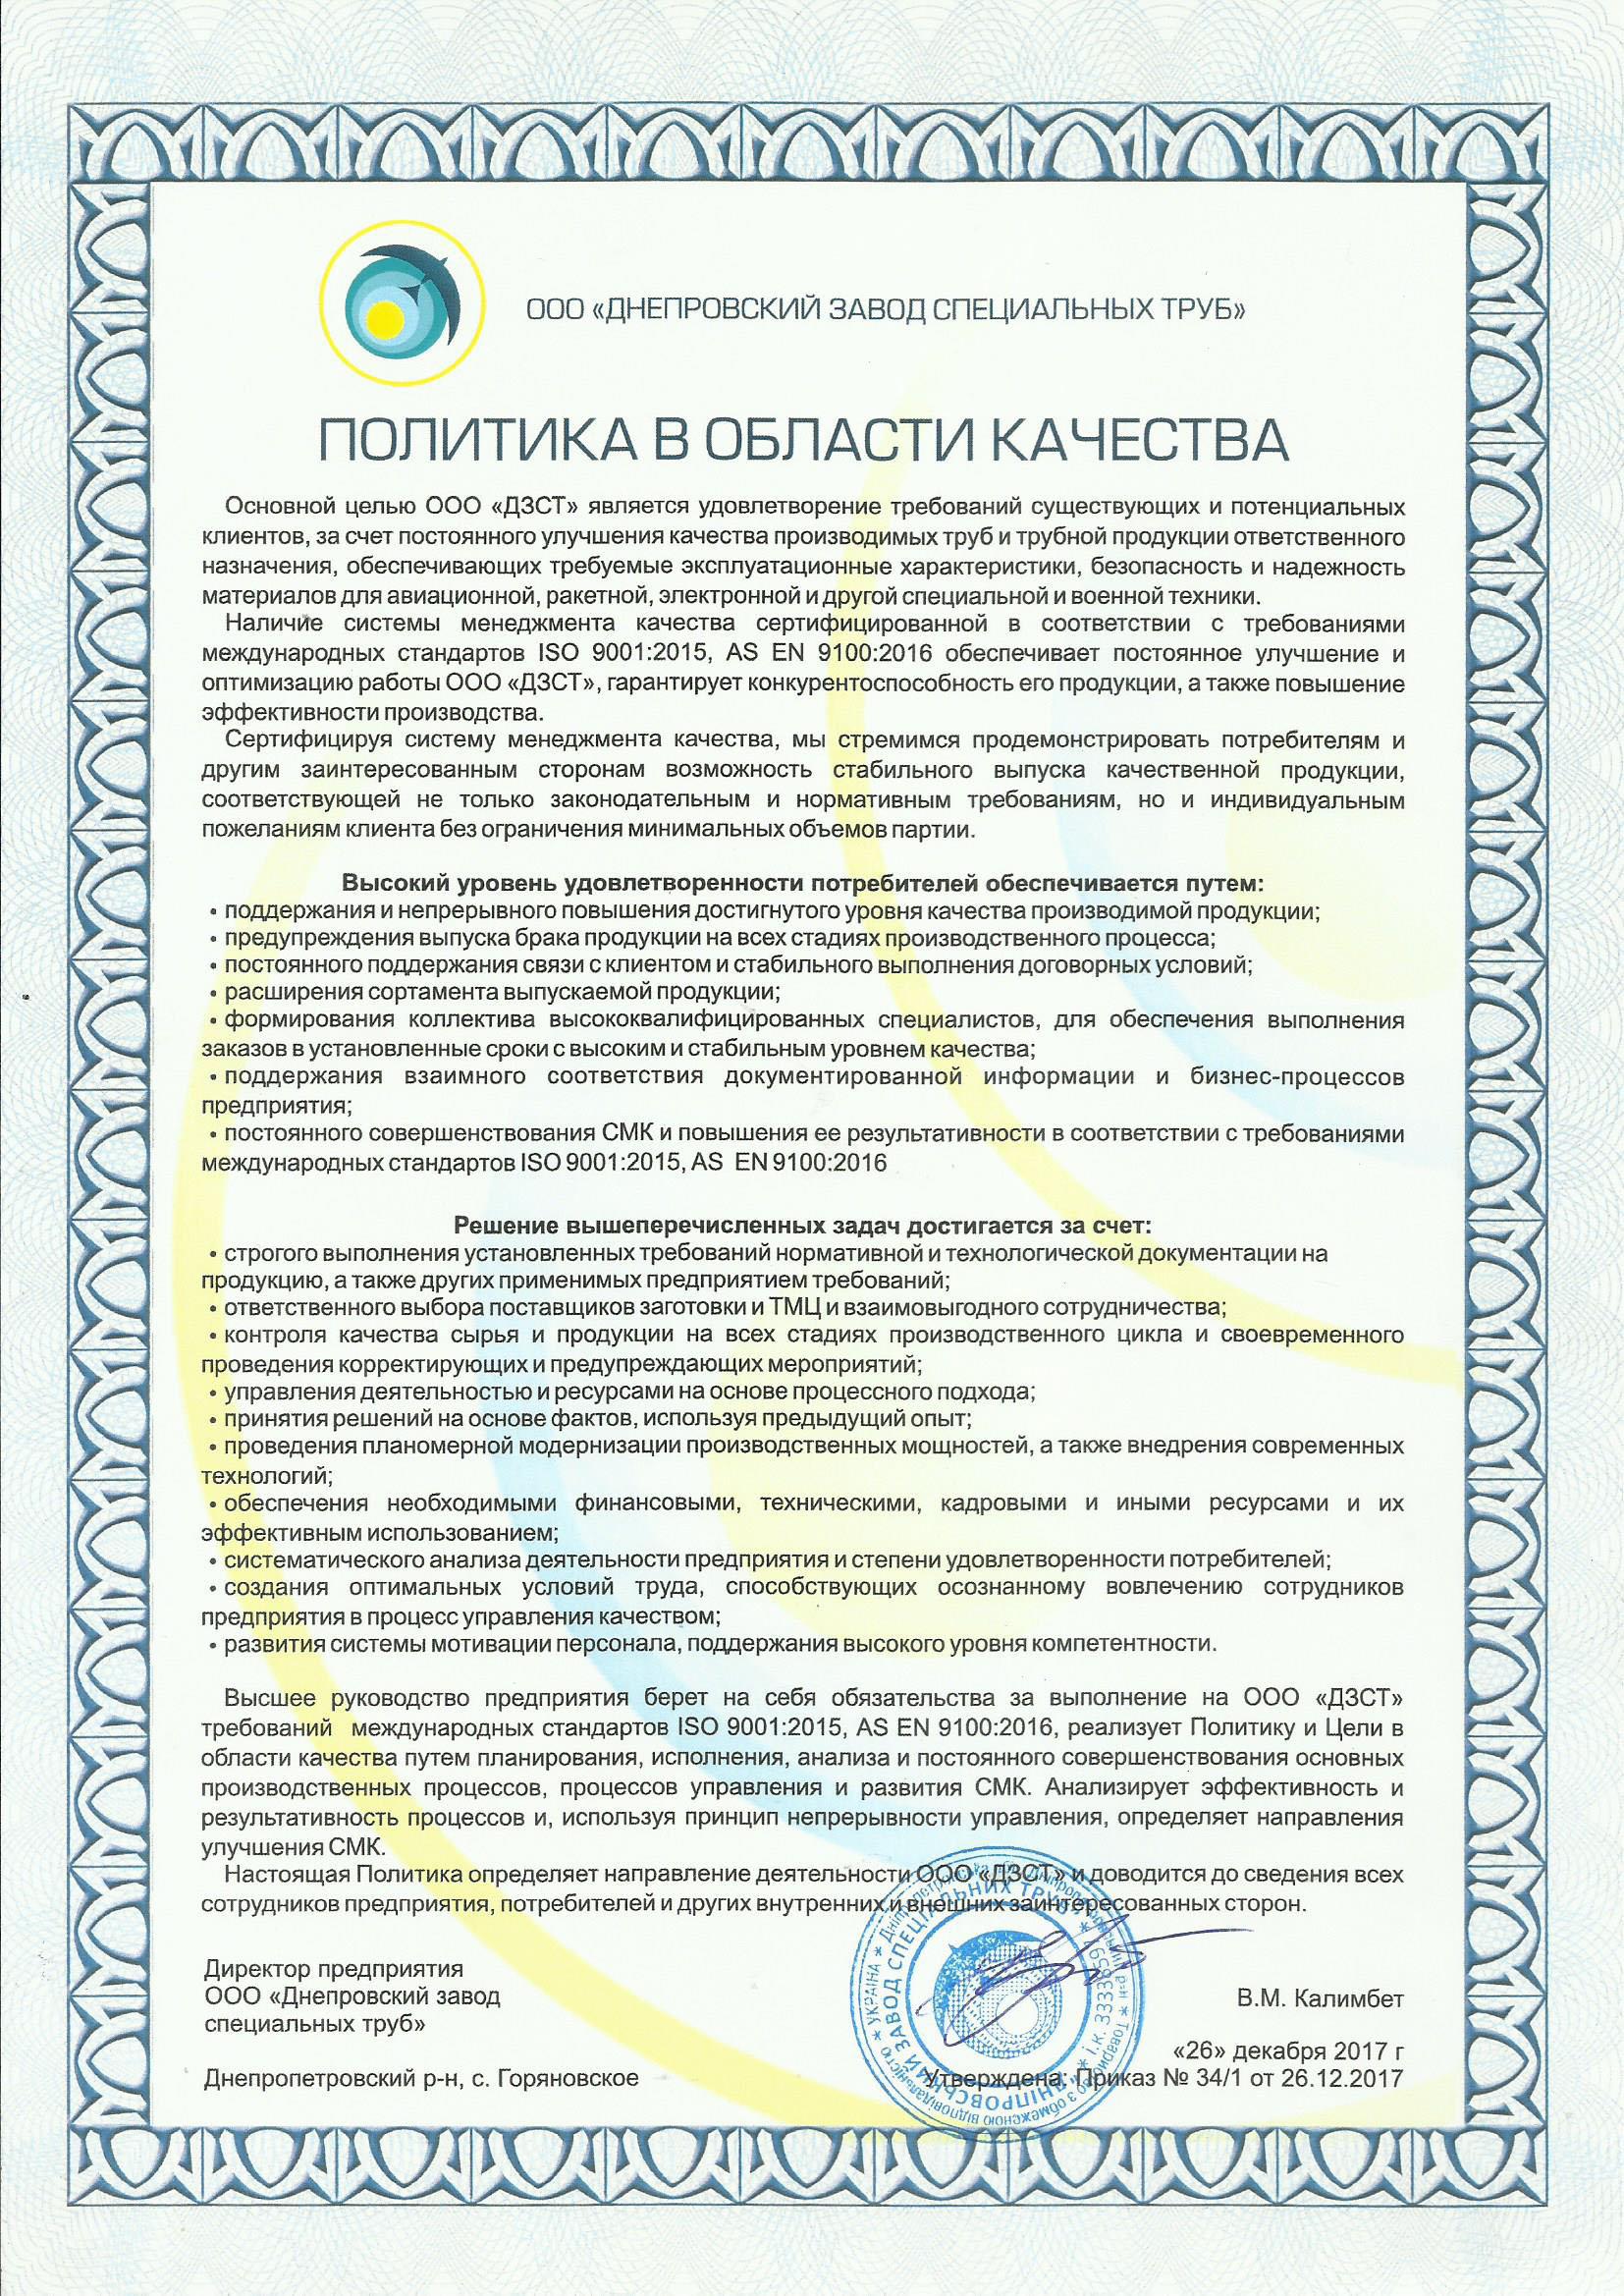 Днепровский завод специальных труб, политика в области качества